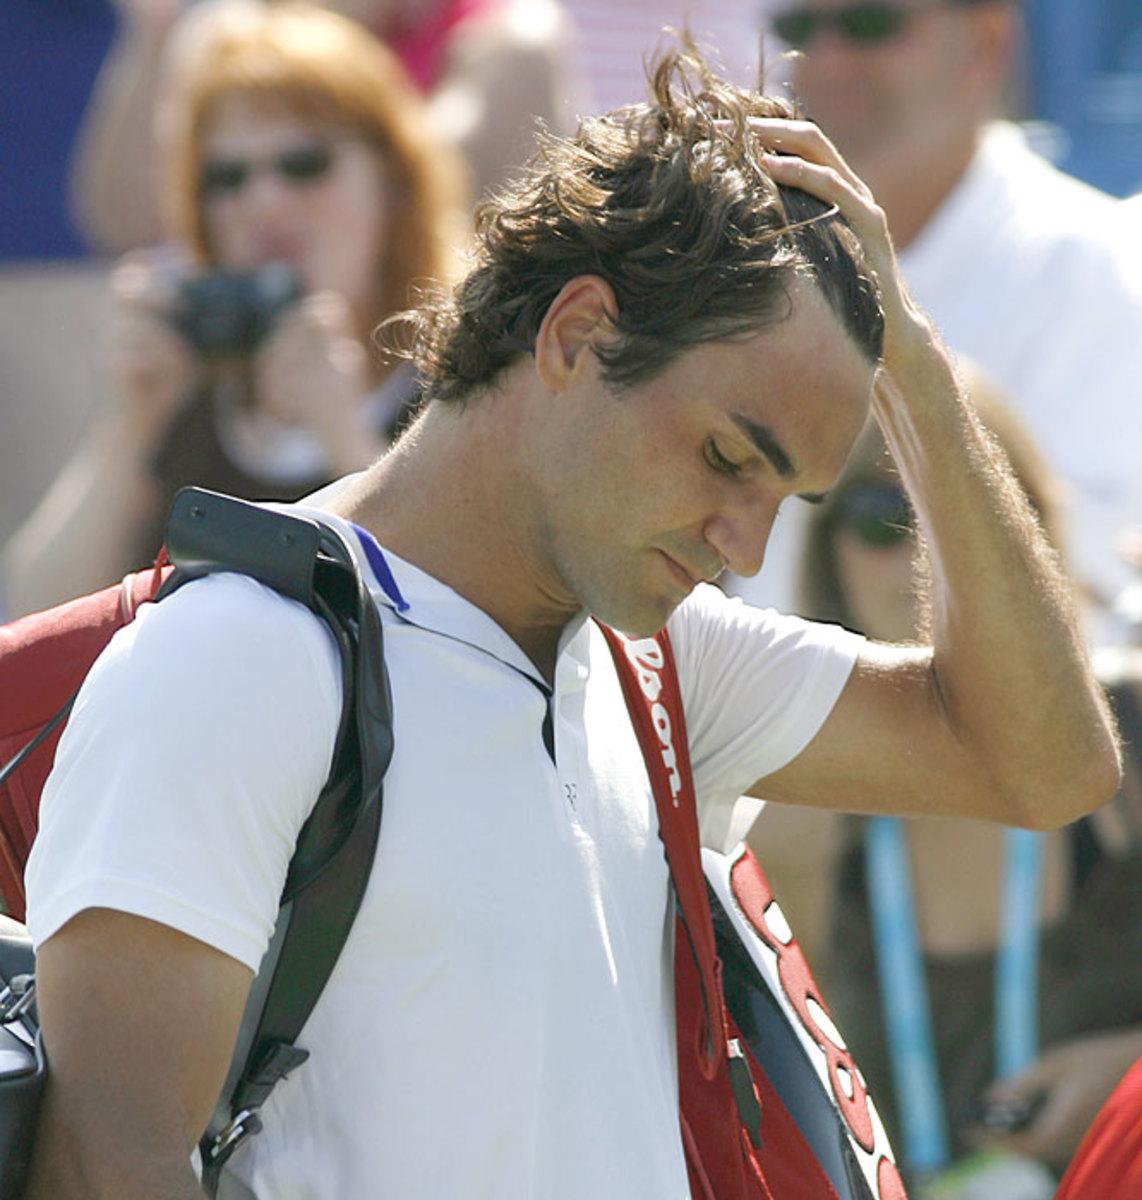 Week 235, '08 Cincinnati Masters   Week of July 28, 2008